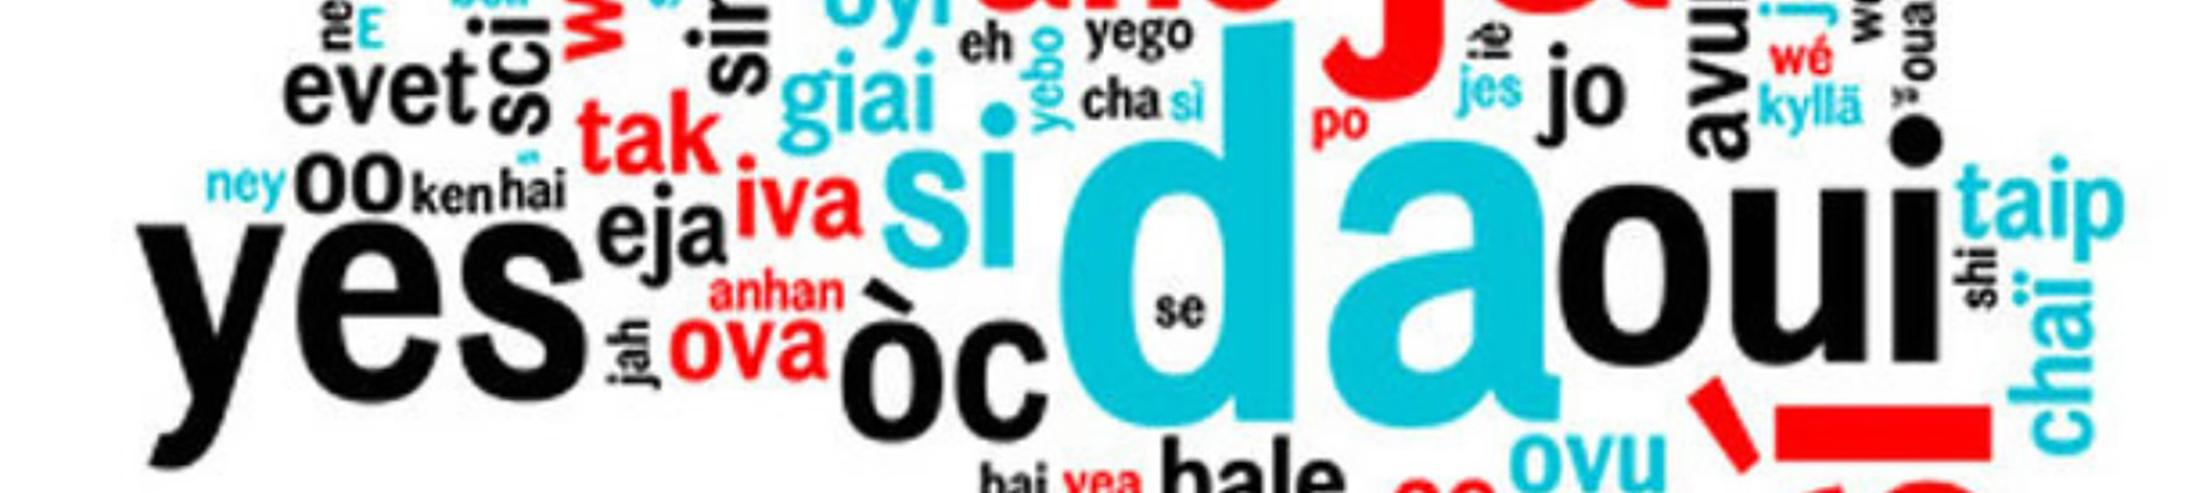 langues-de-formation-6ca74